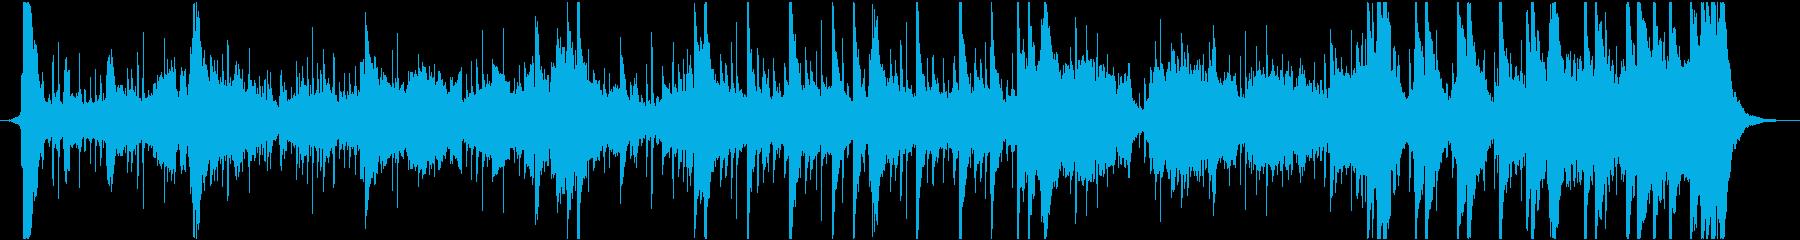 合戦前のような和風BGMの再生済みの波形